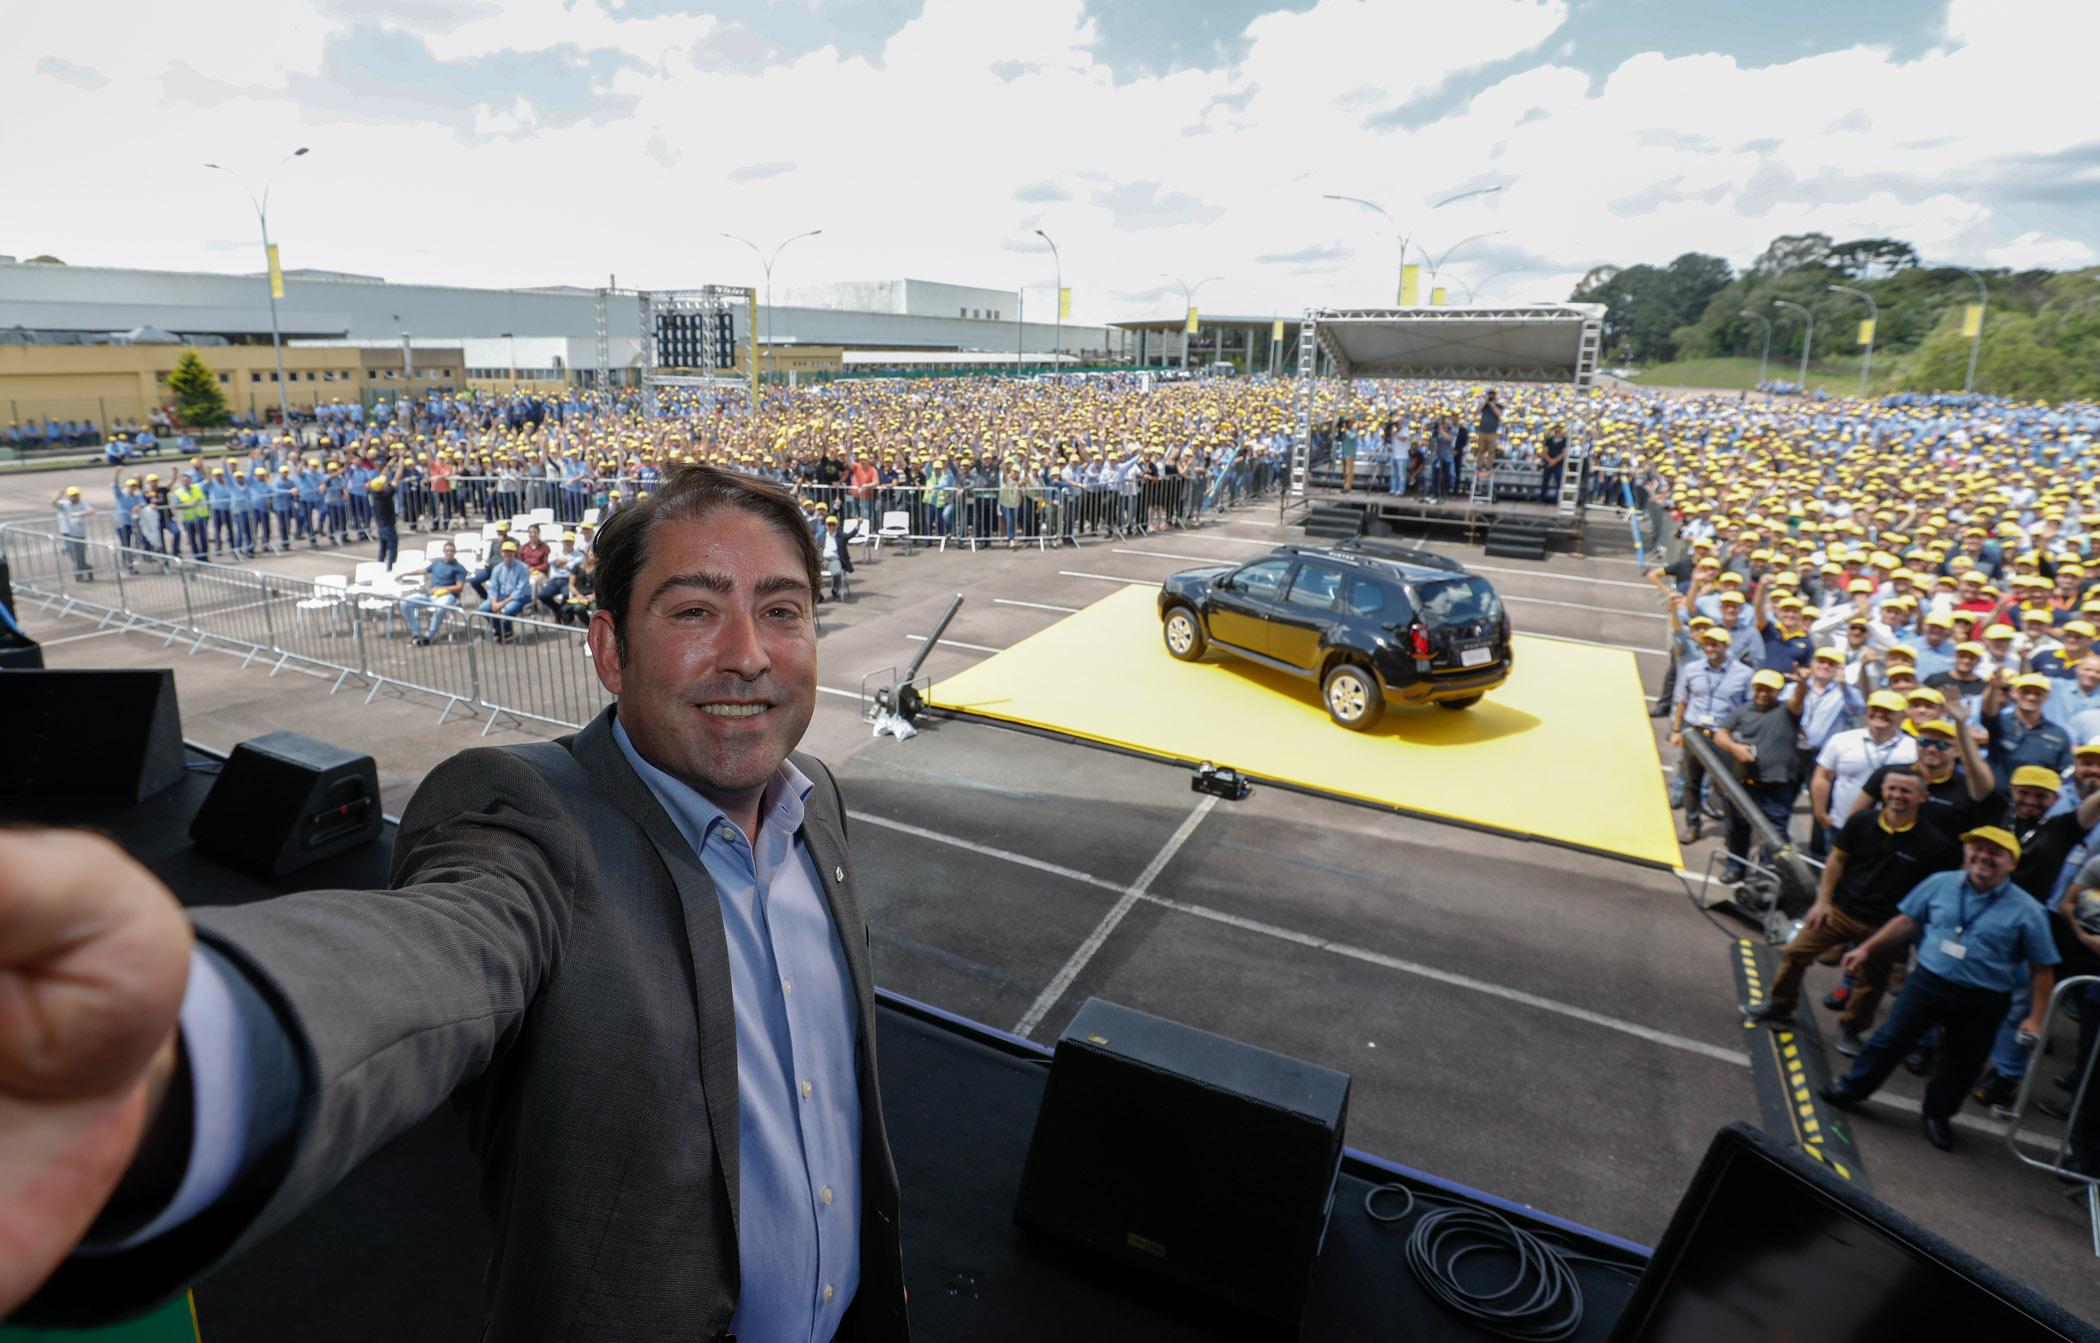 O presidente da Renault América Latina, Luiz Fernando Pedrucci, faz uma selfie com os funcionários da empresa, com o Renault Duster em primeiro plano. Fotos: Rodolfo Bührer